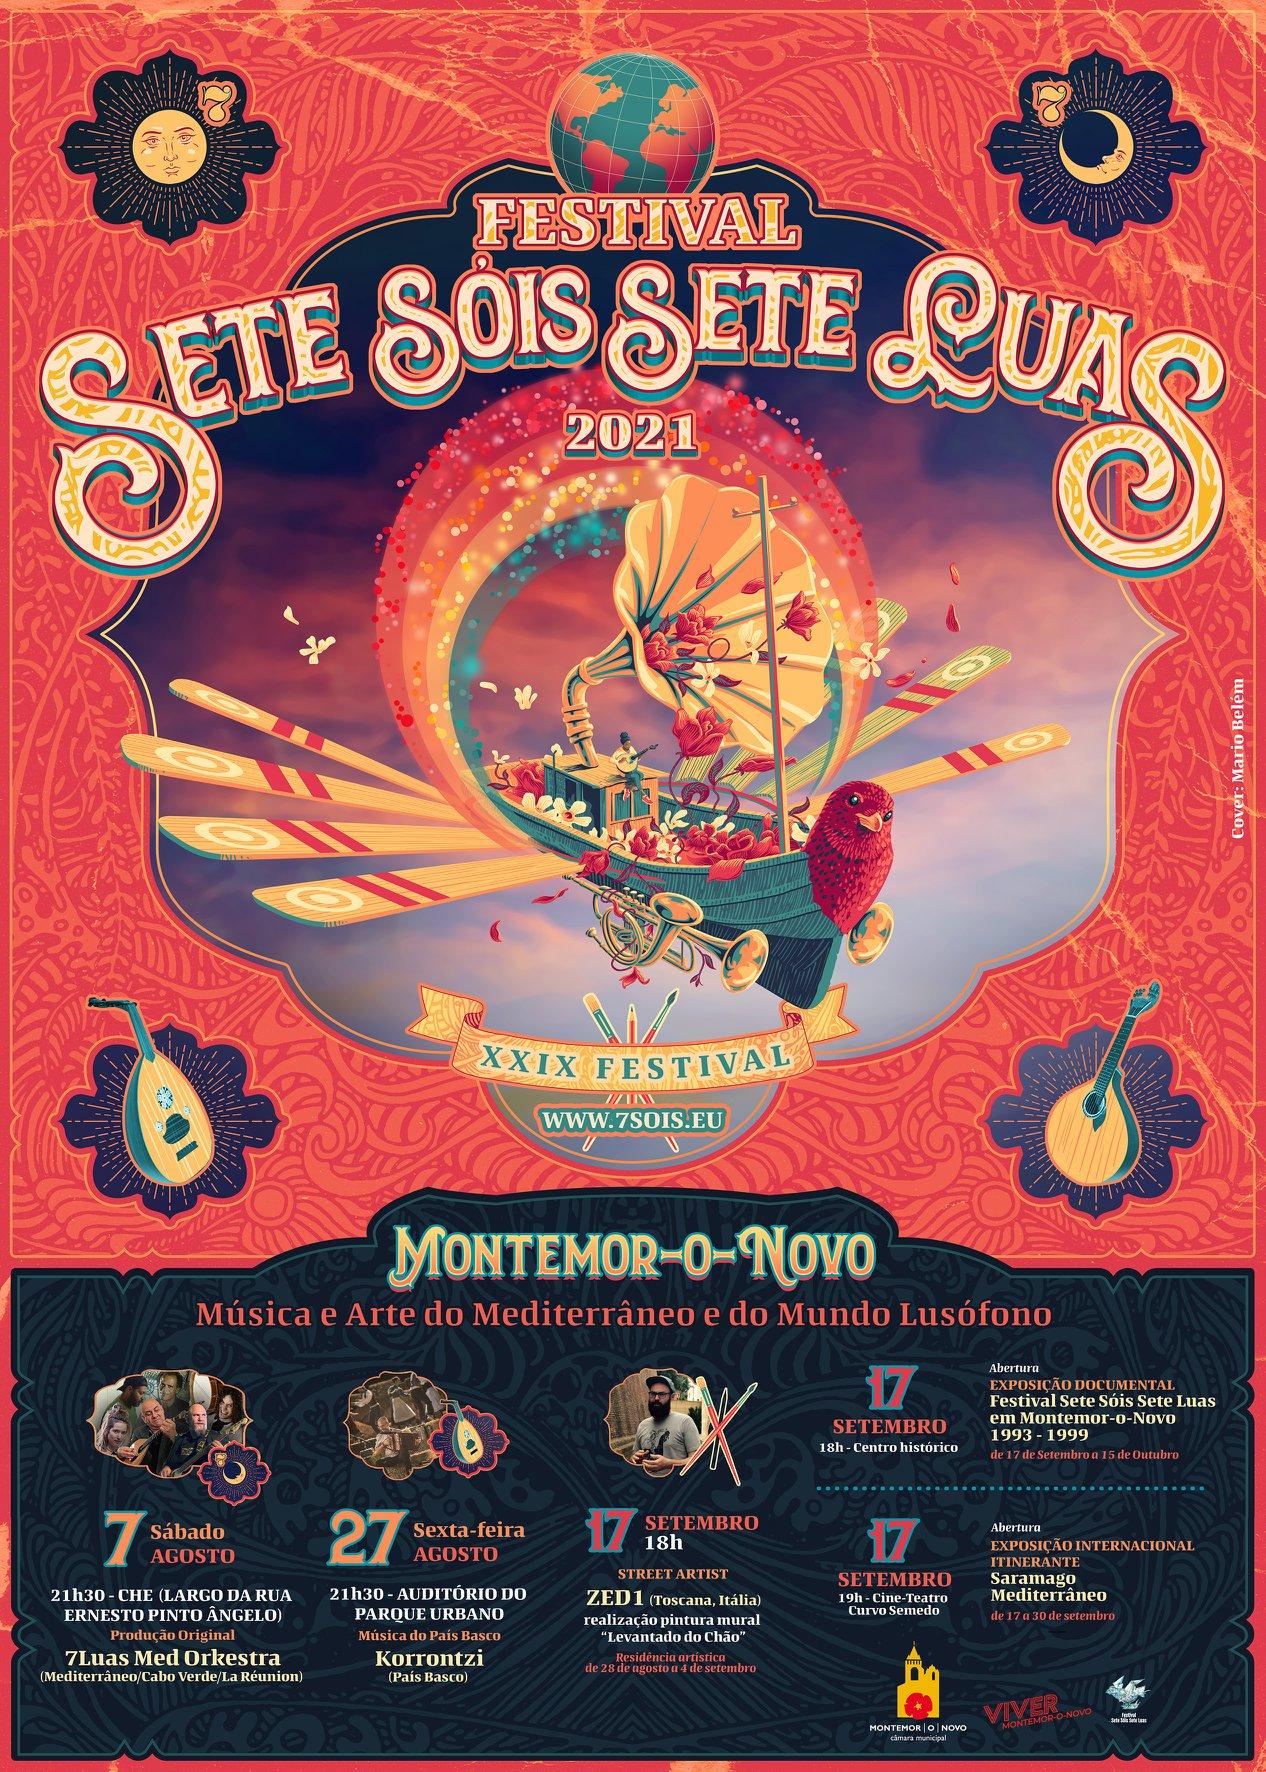 Festival Sete Sóis Sete Luas em Montemor-o-Novo